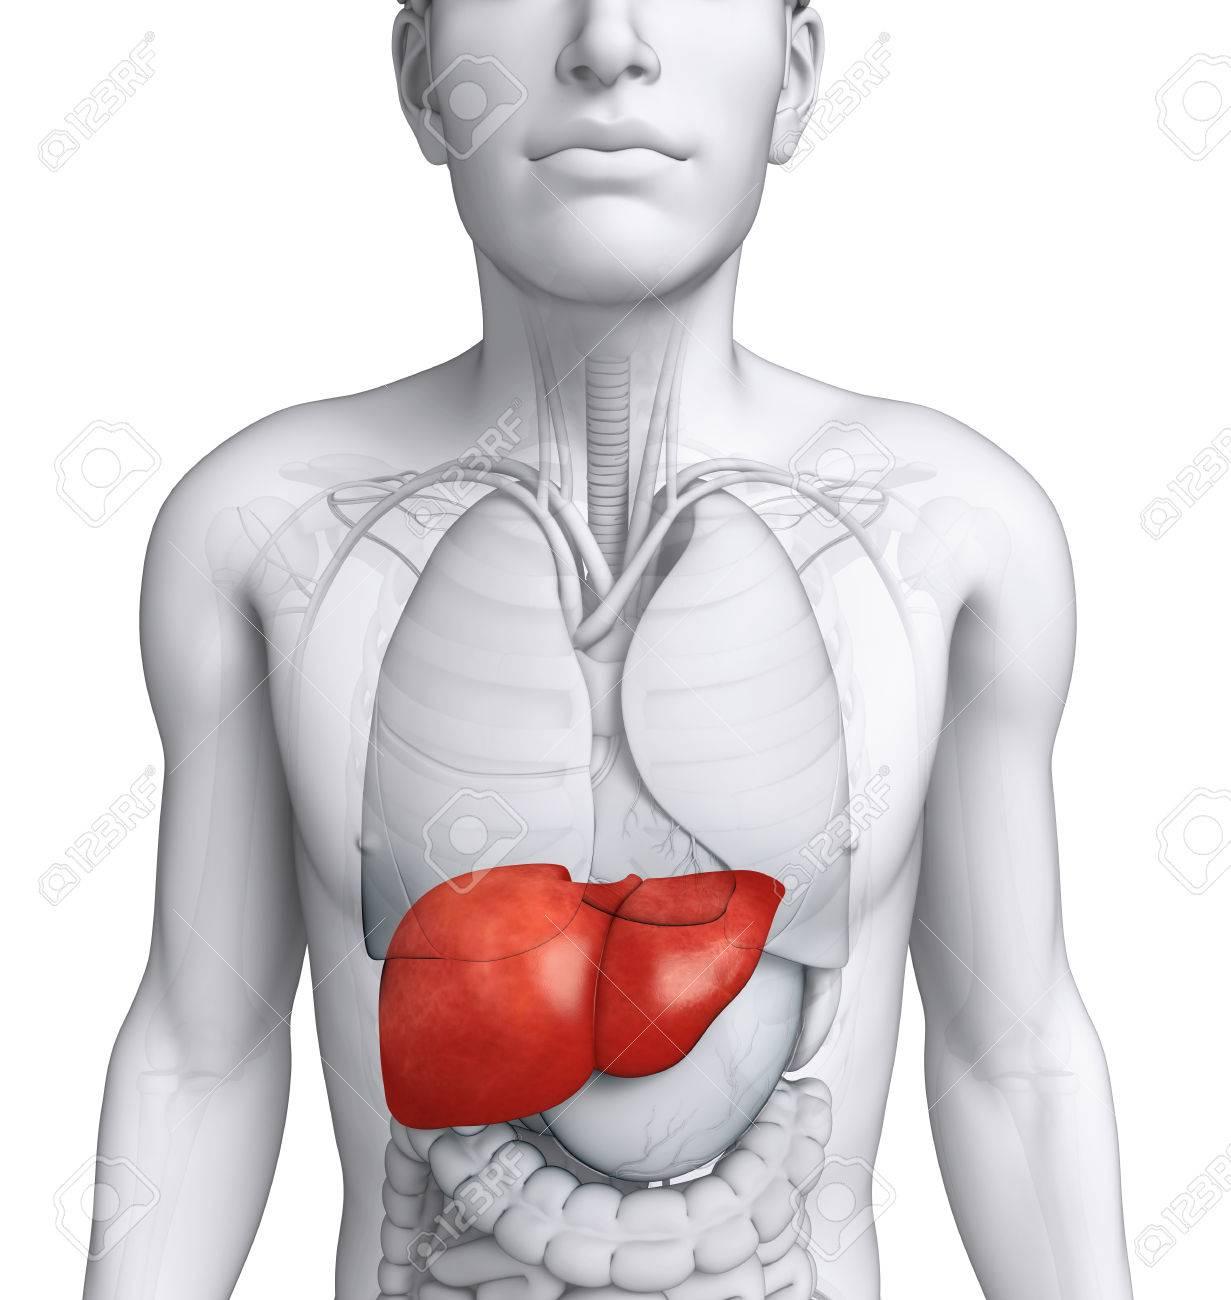 Ilustración De La Anatomía Del Hígado Masculino Fotos, Retratos ...